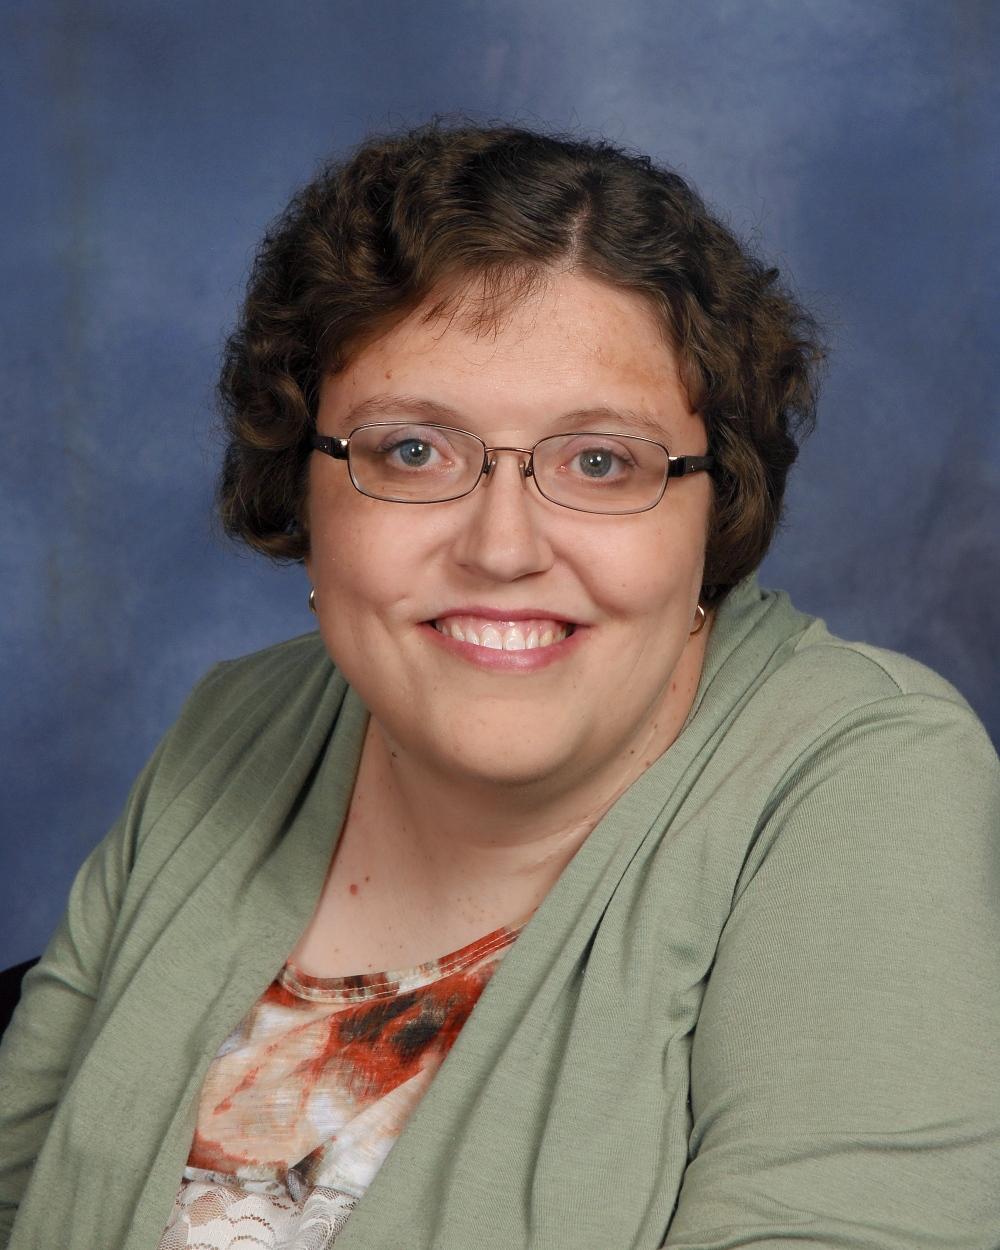 Jessica Waytenick